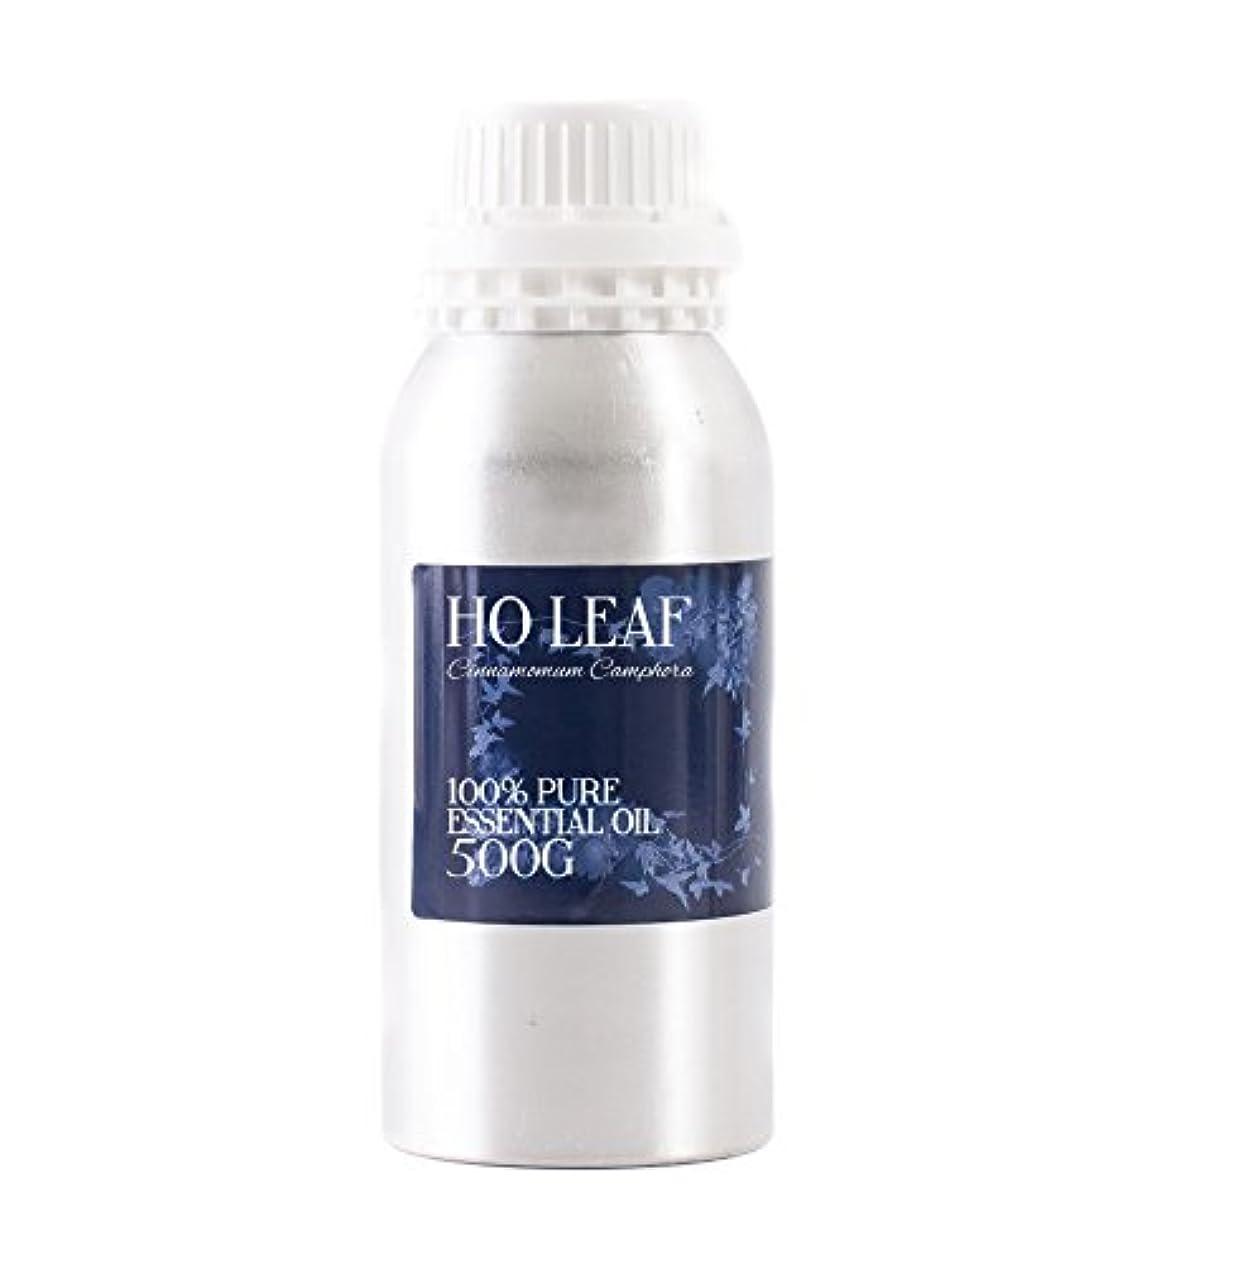 鎮痛剤困惑したゆりかごMystic Moments | Ho Leaf Essential Oil - 500g - 100% Pure